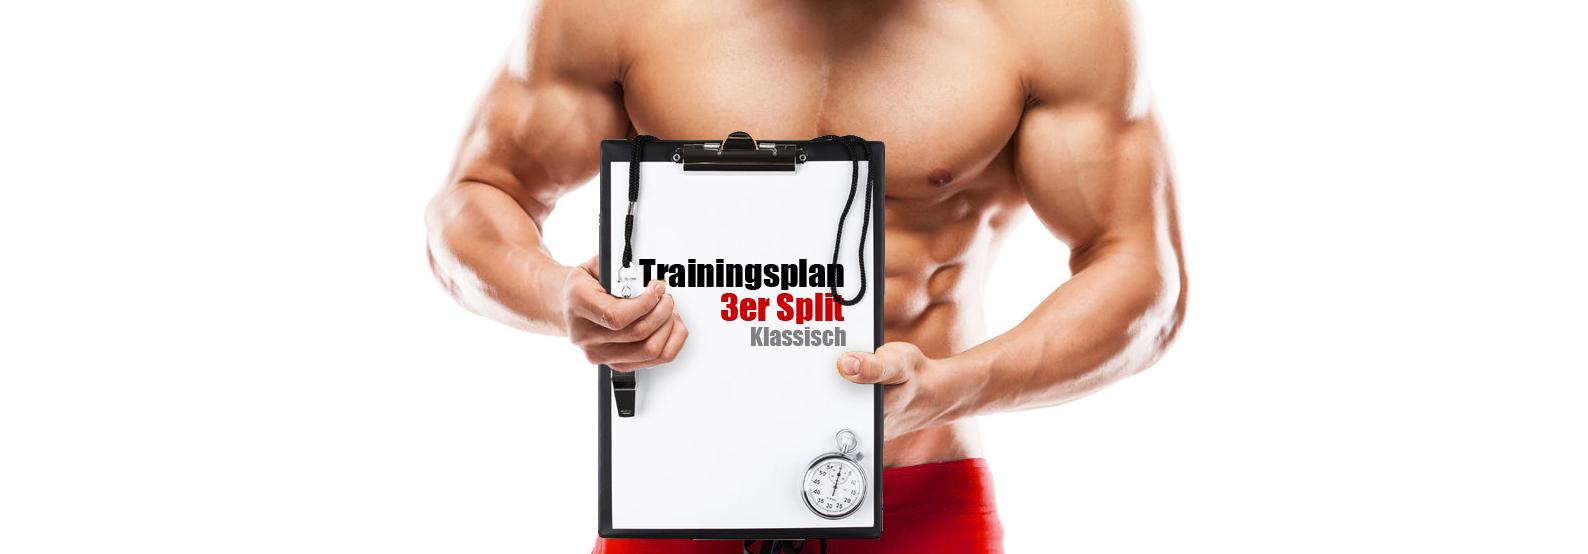 Trainingsplan 3er Split Klassisch